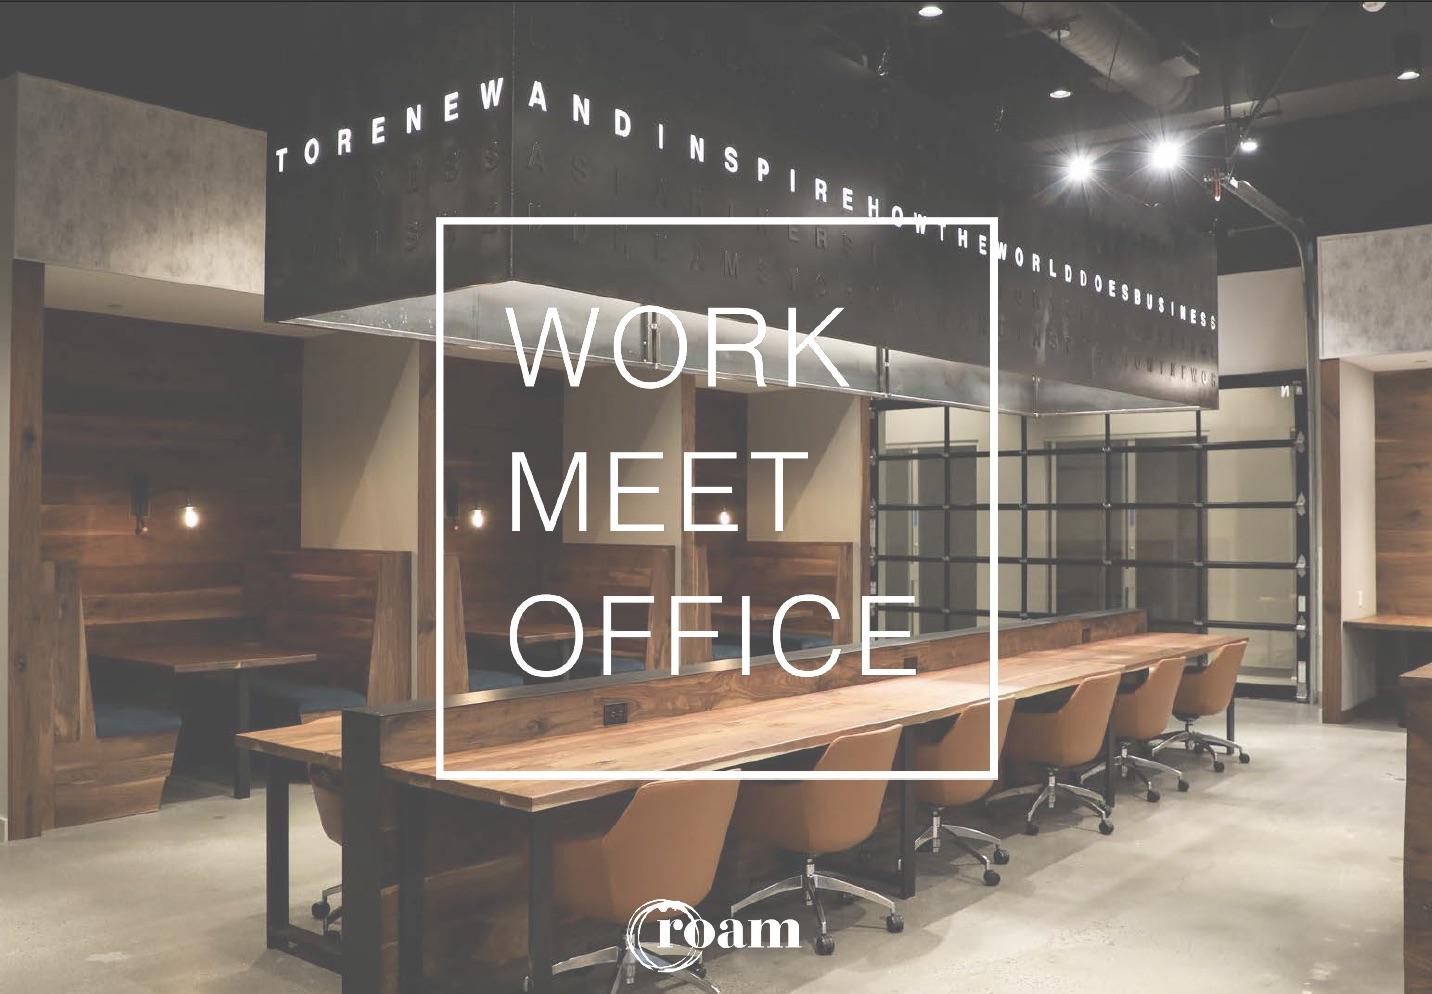 Work, Meet + Office at Roam